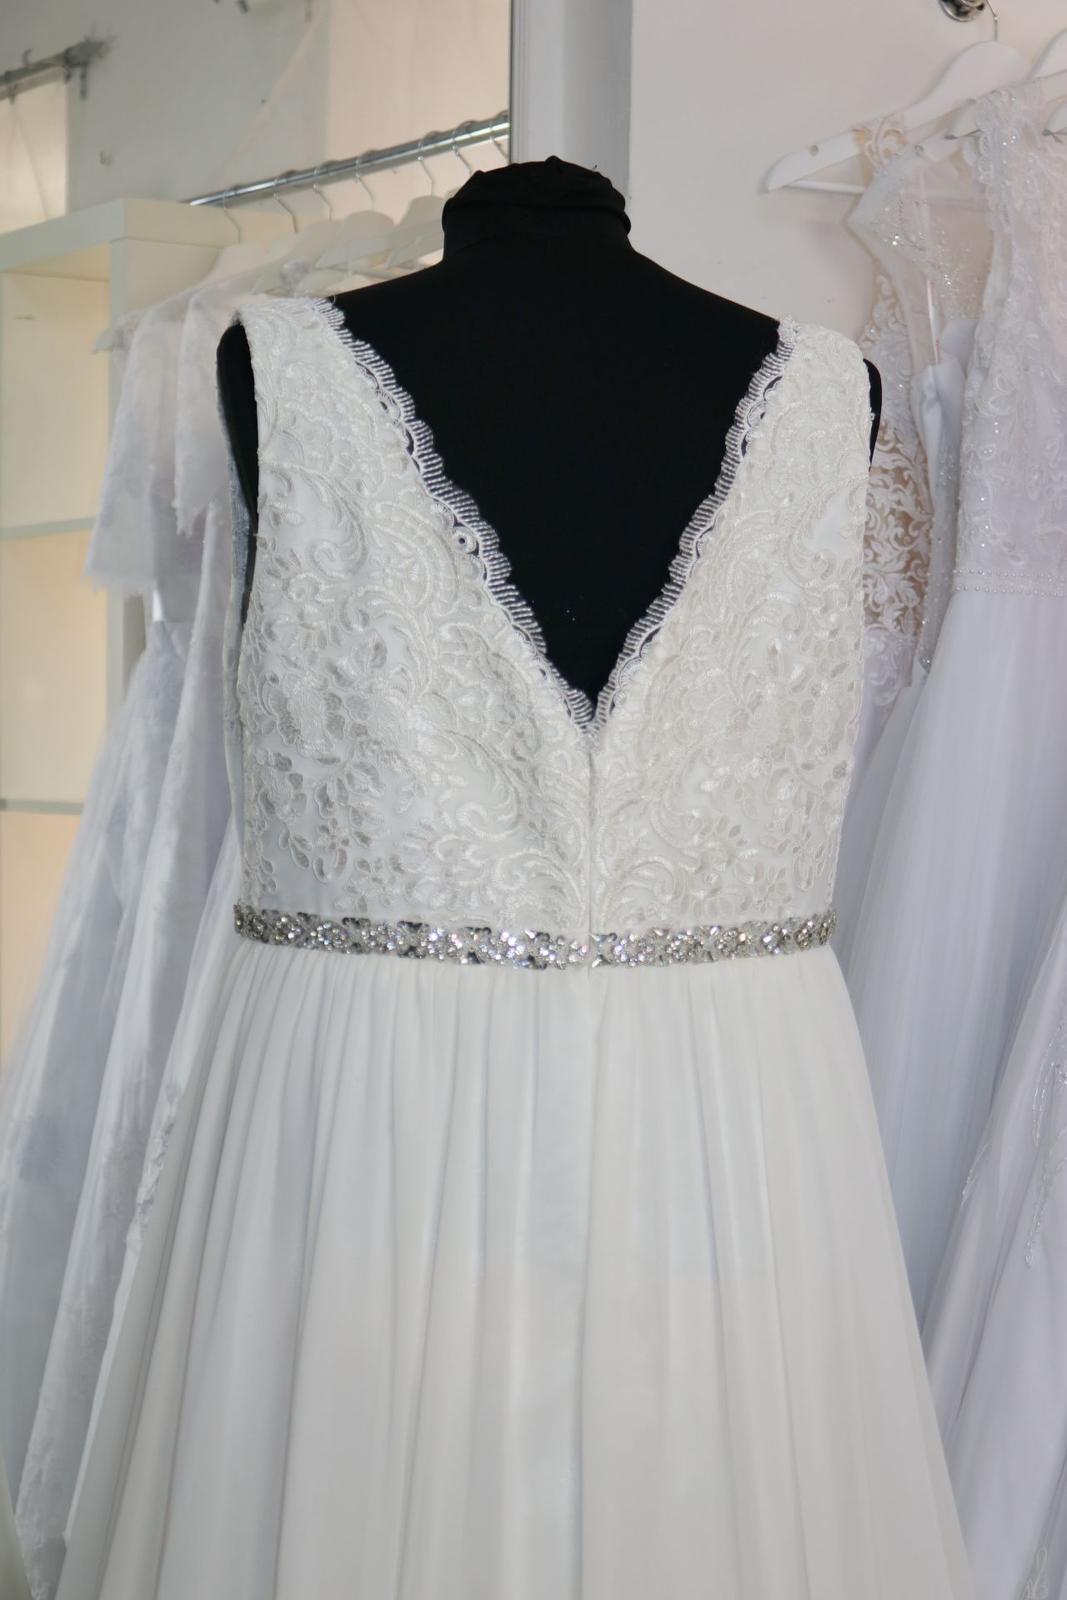 Nové svatební šaty boho vel. 48 - Obrázek č. 4